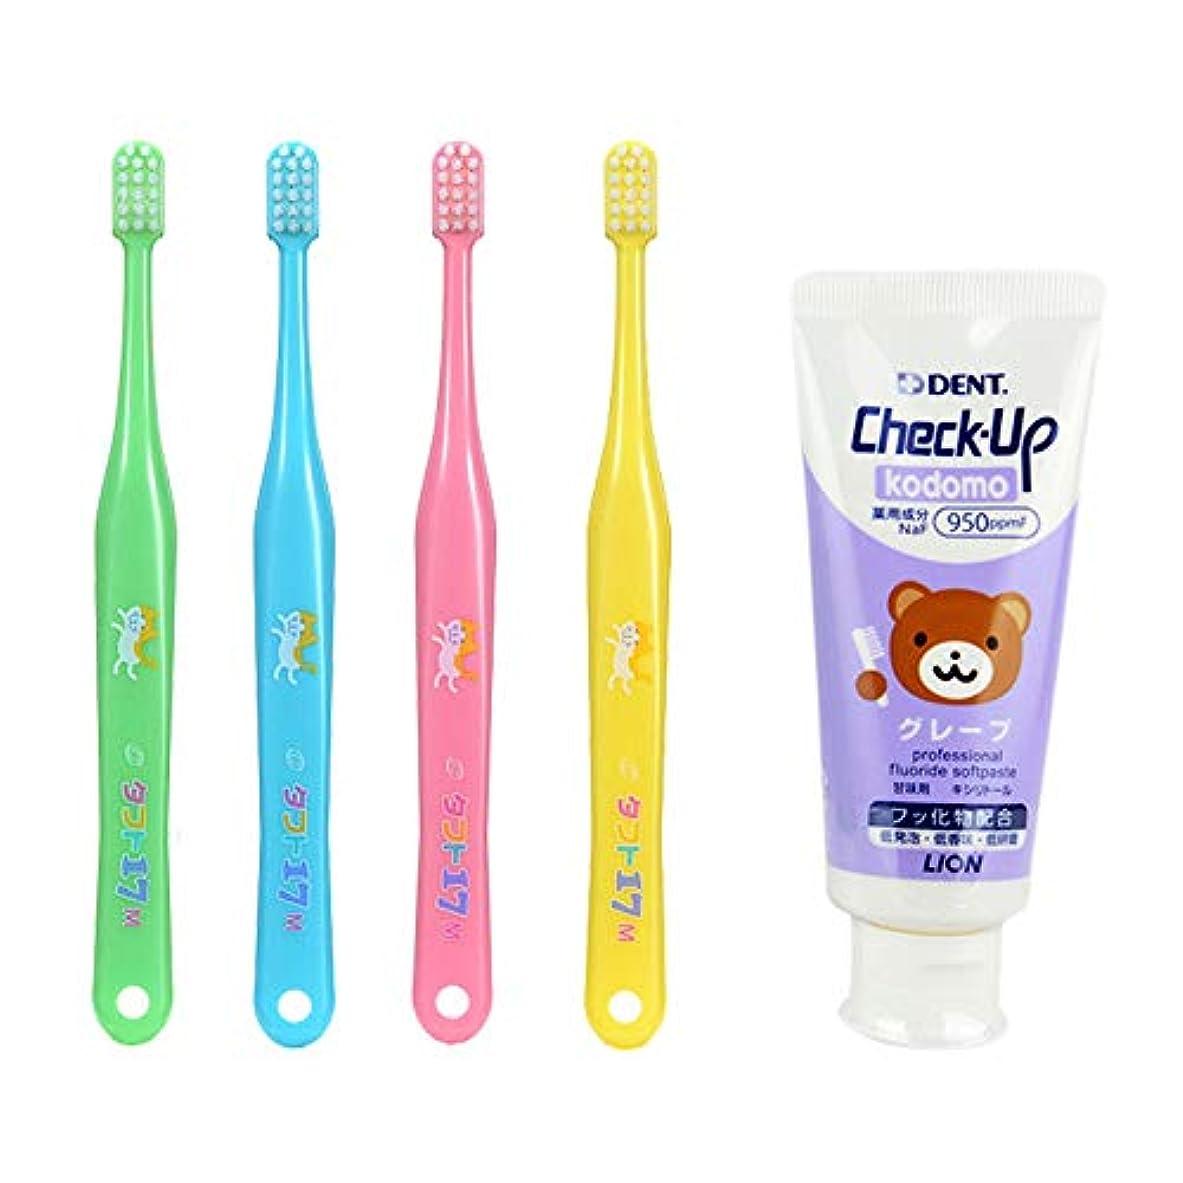 シャワー大胆不敵オートマトンタフト17 M(ふつう) 子ども 歯ブラシ 10本 + チェックアップ コドモ 60g (グレープ) 歯磨き粉 歯科専売品